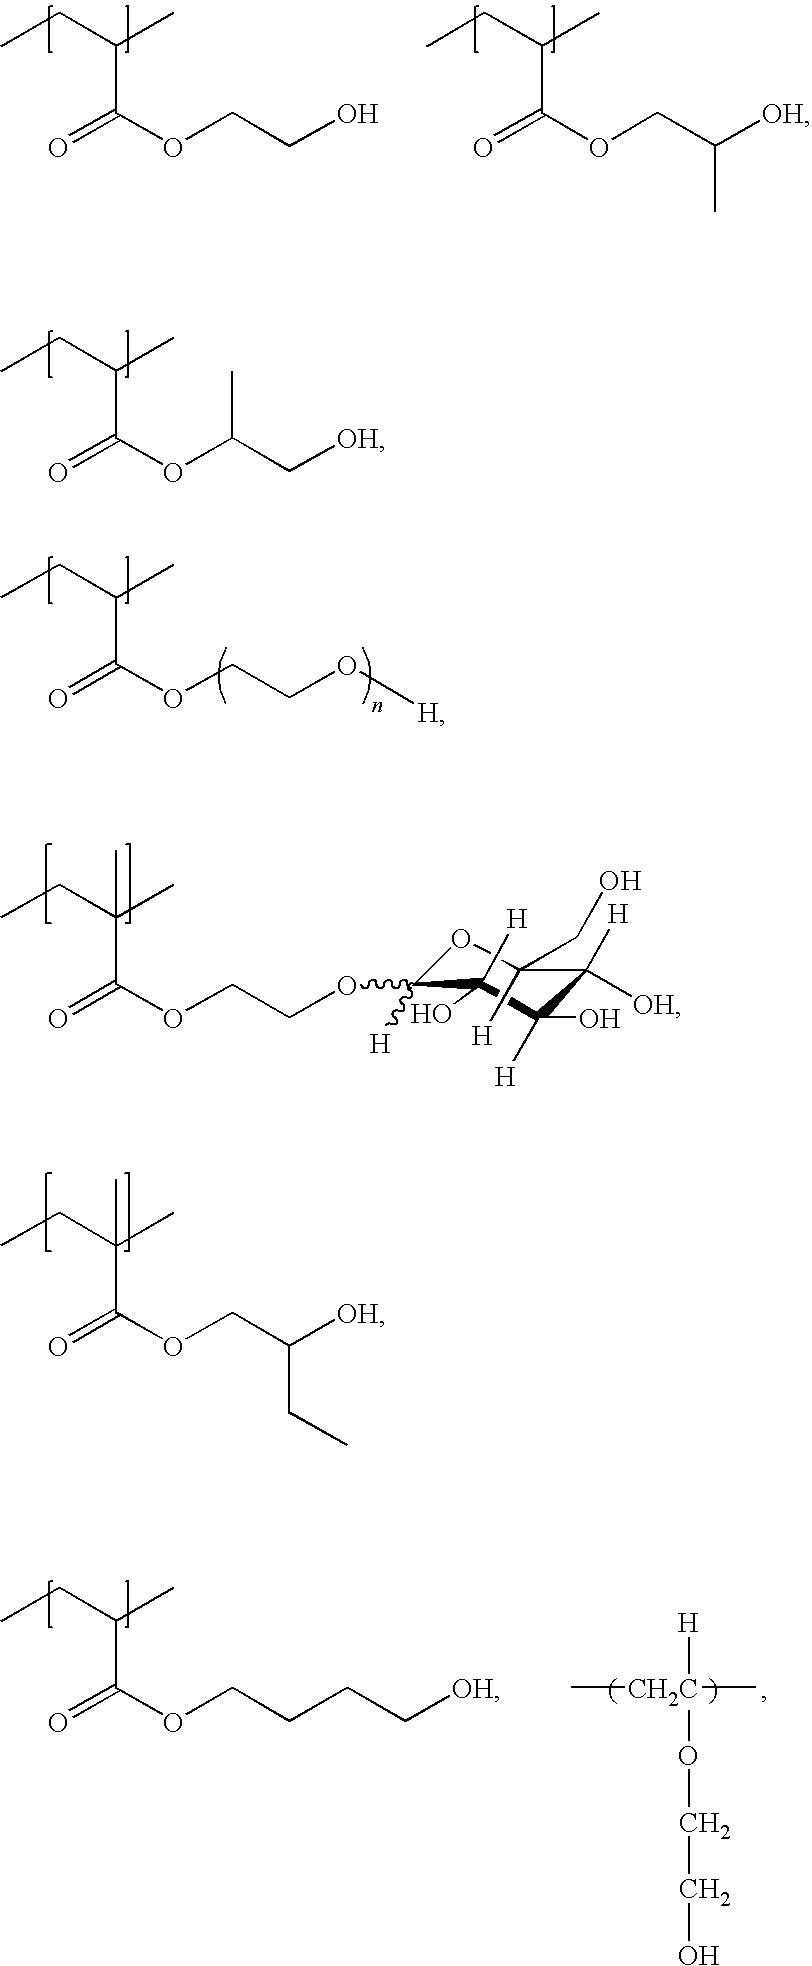 Figure US07915212-20110329-C00004